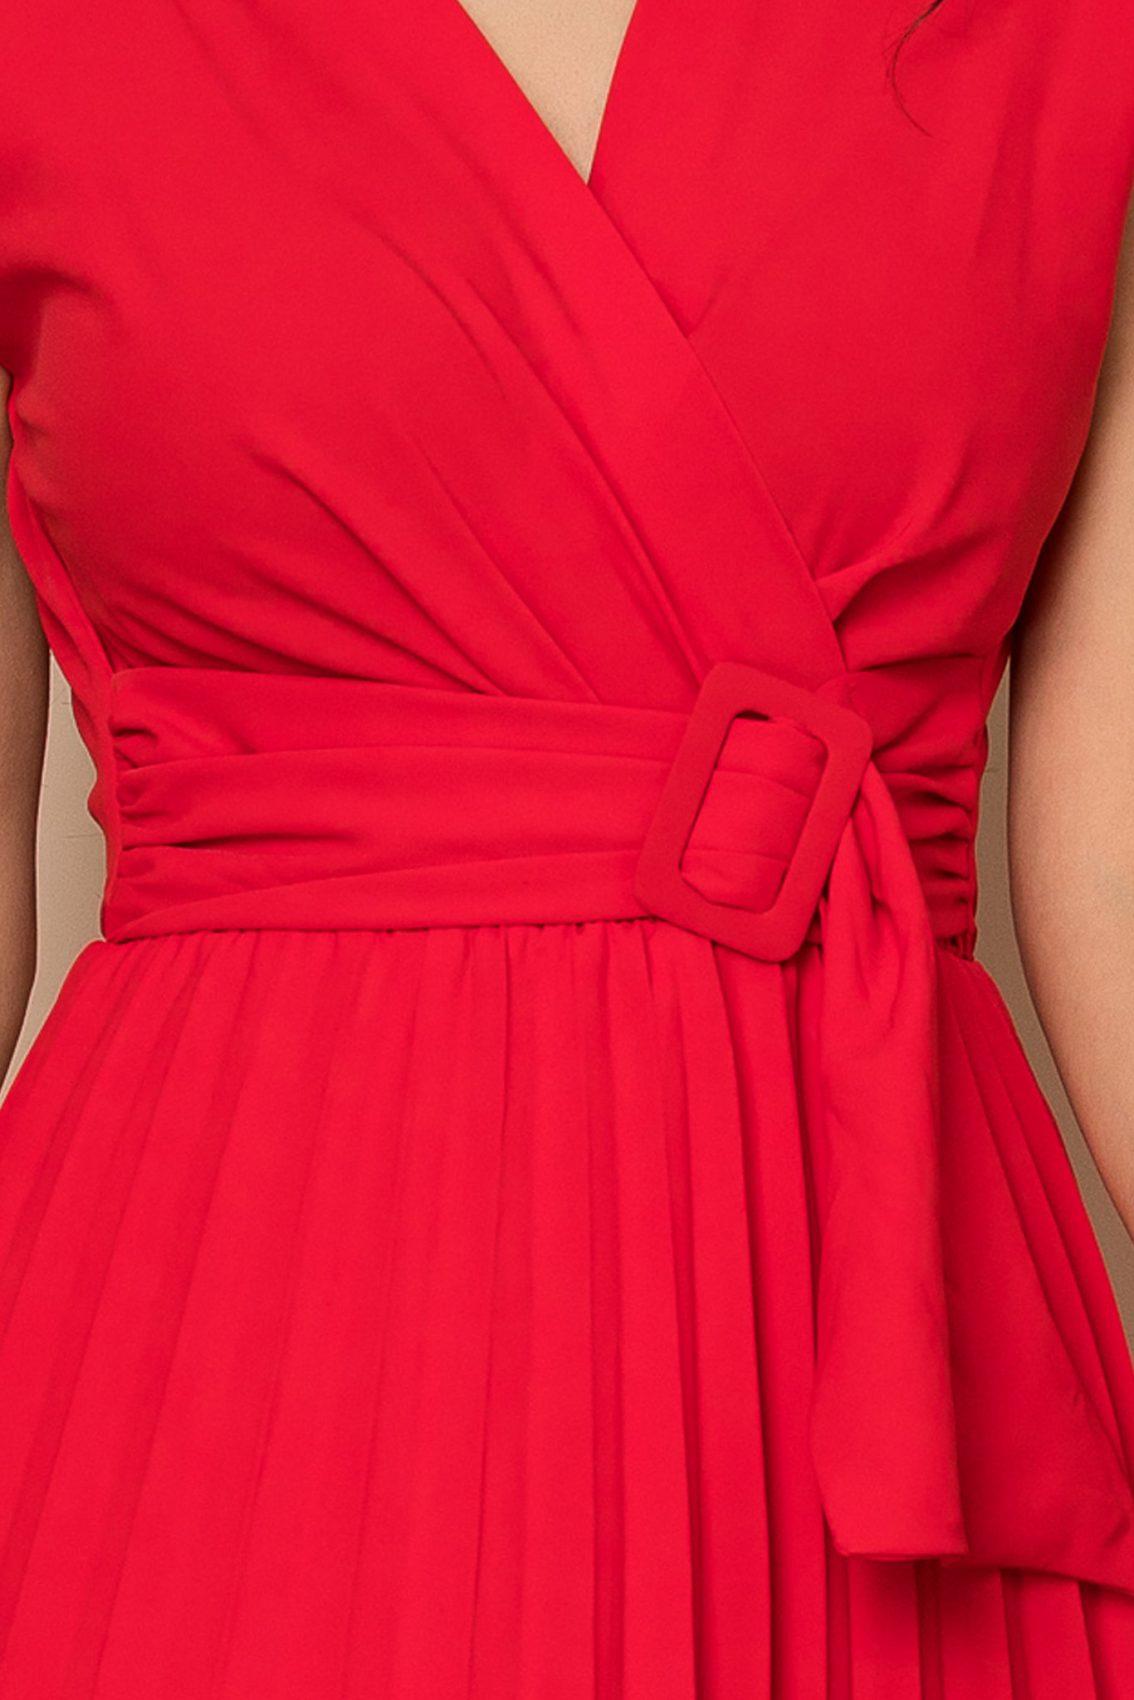 Κόκκινο Μίντι Φόρεμα Με Βάτες Carmen A406 3